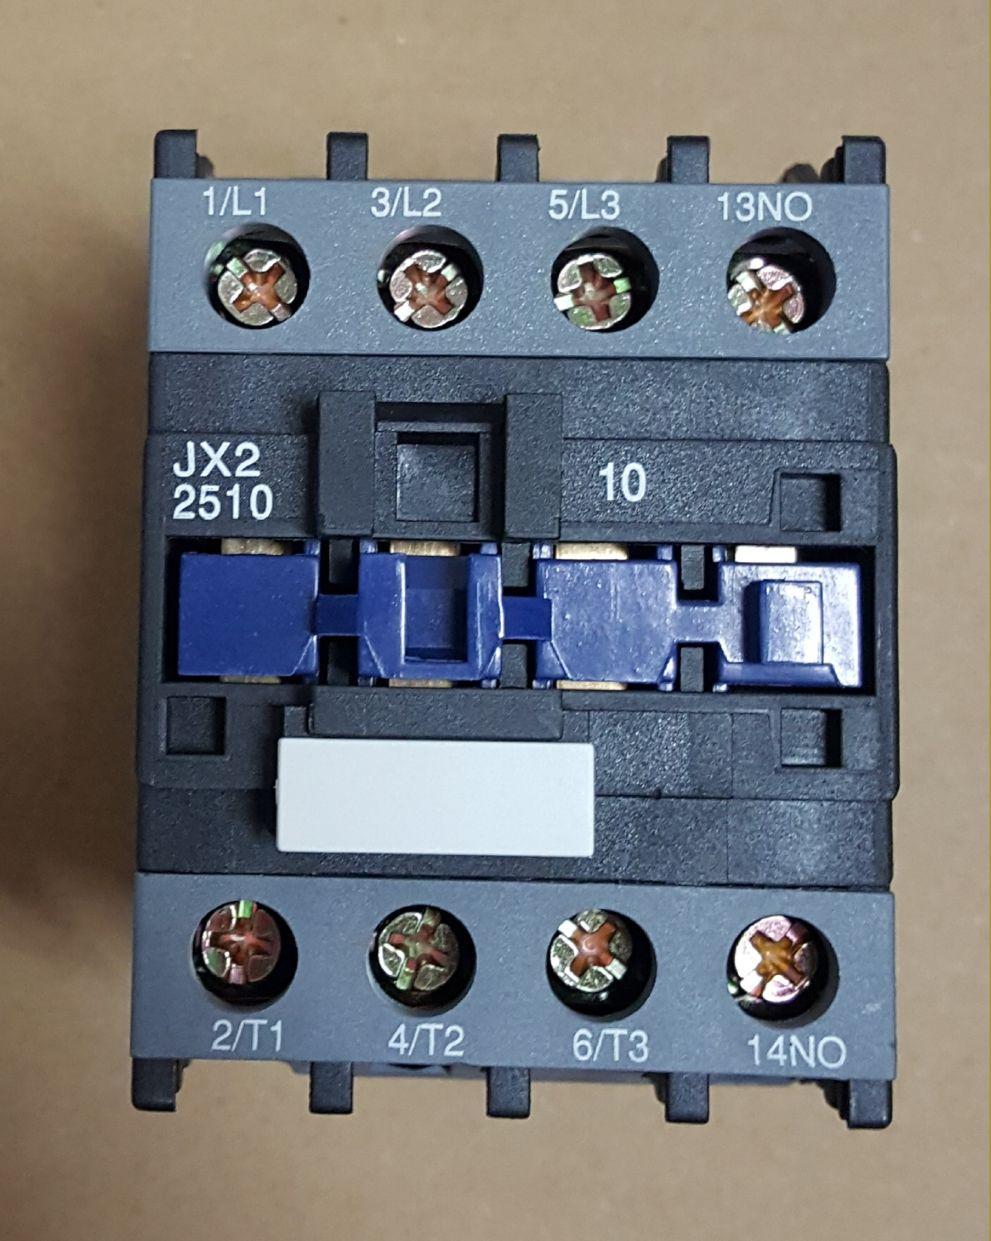 CONTATOR AUXILIAR CJX2-2510 (25 AMPERES) 220V FAIXA AJUSTE 35A